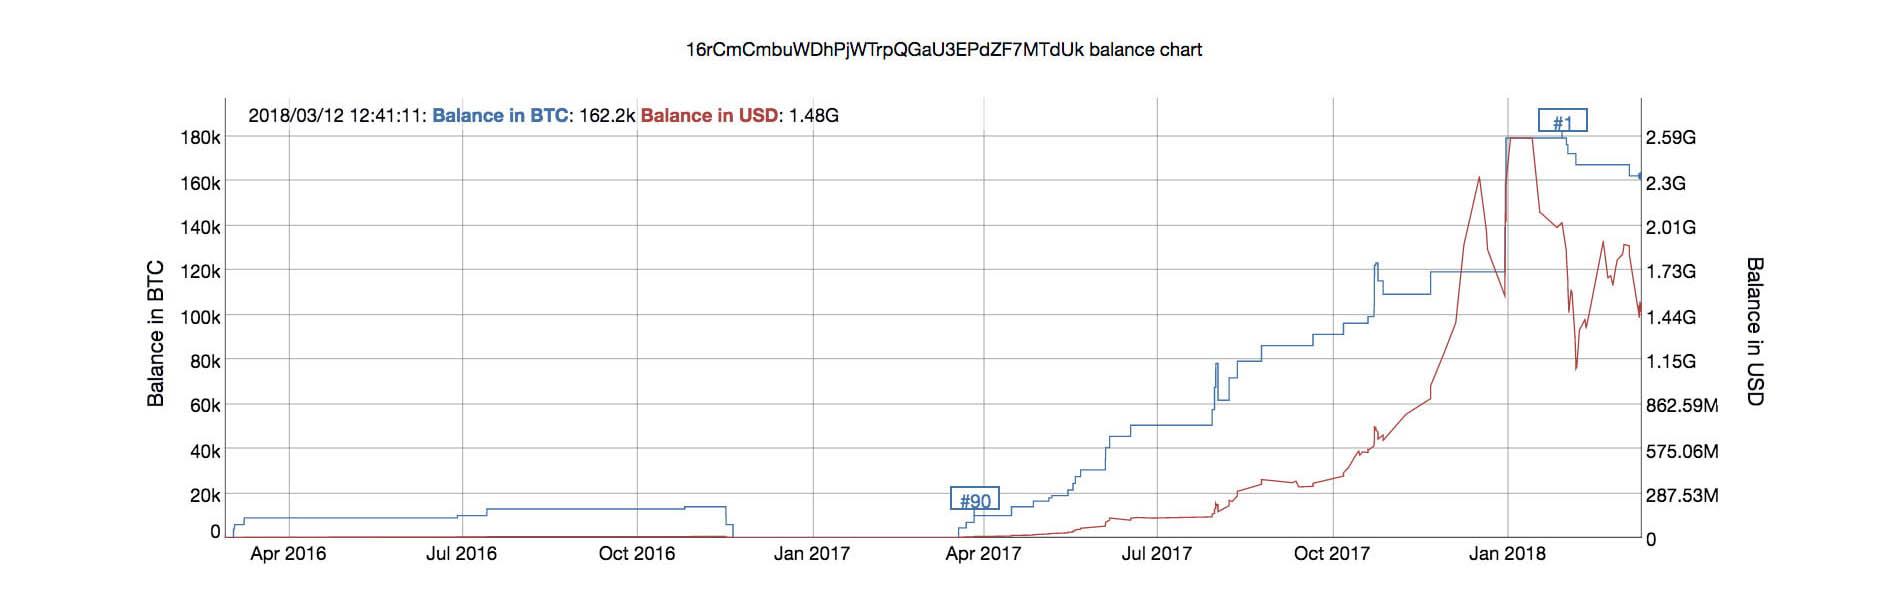 grootste Bitcoin wallet